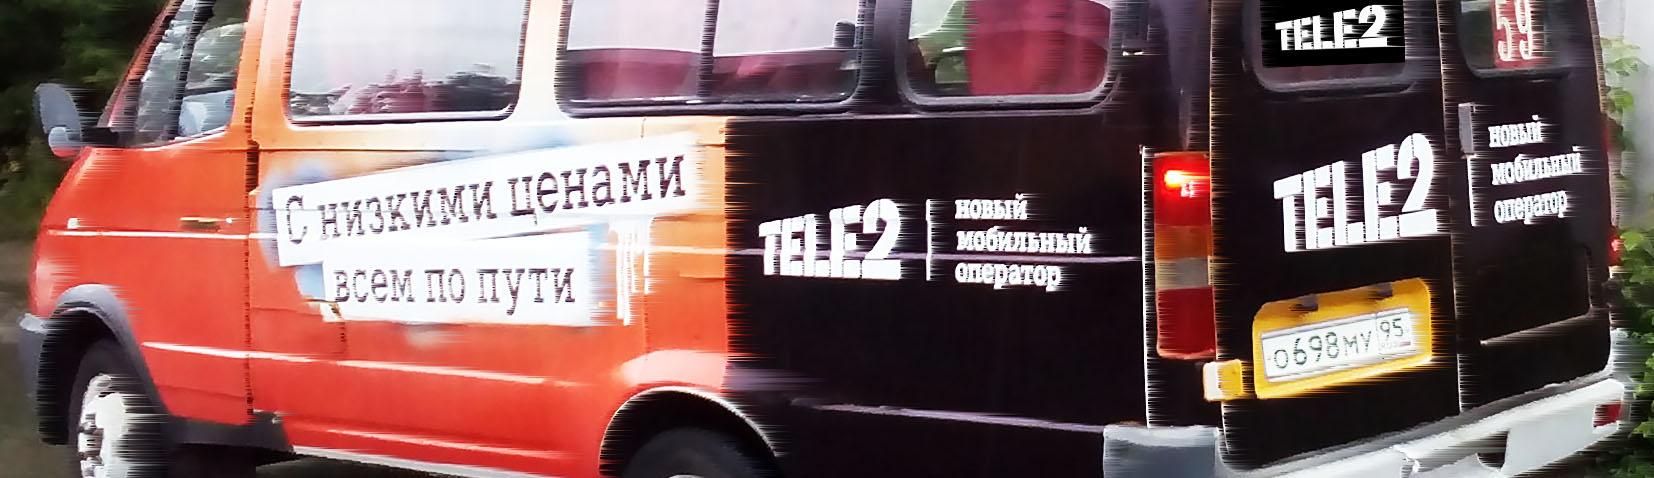 реклама на транспортев Чечне фото